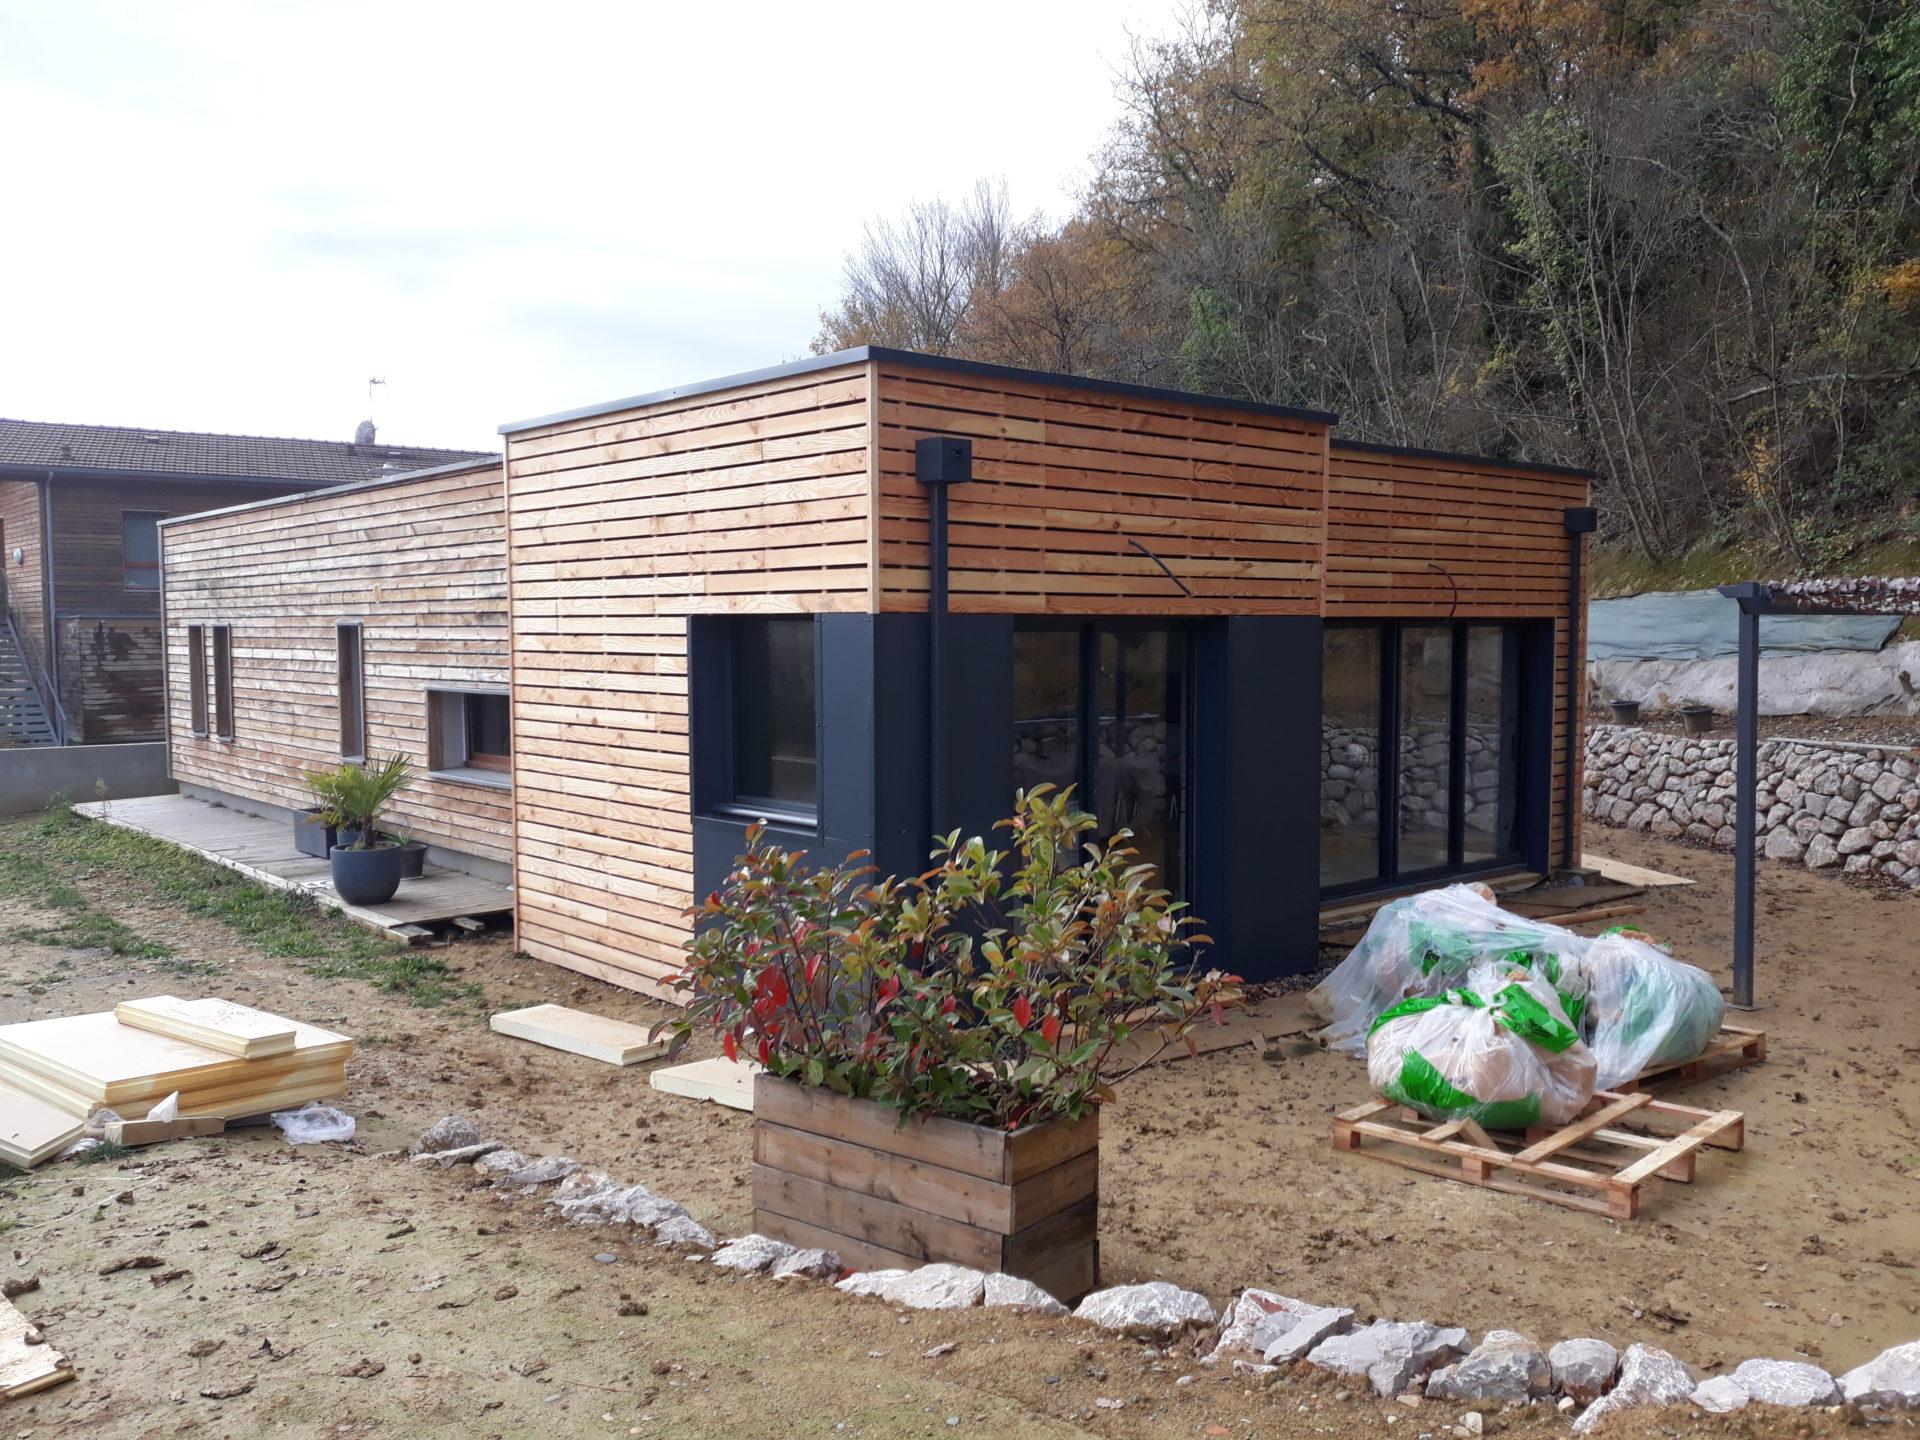 Agrandissement d une maison bois à l isle jourdain avec